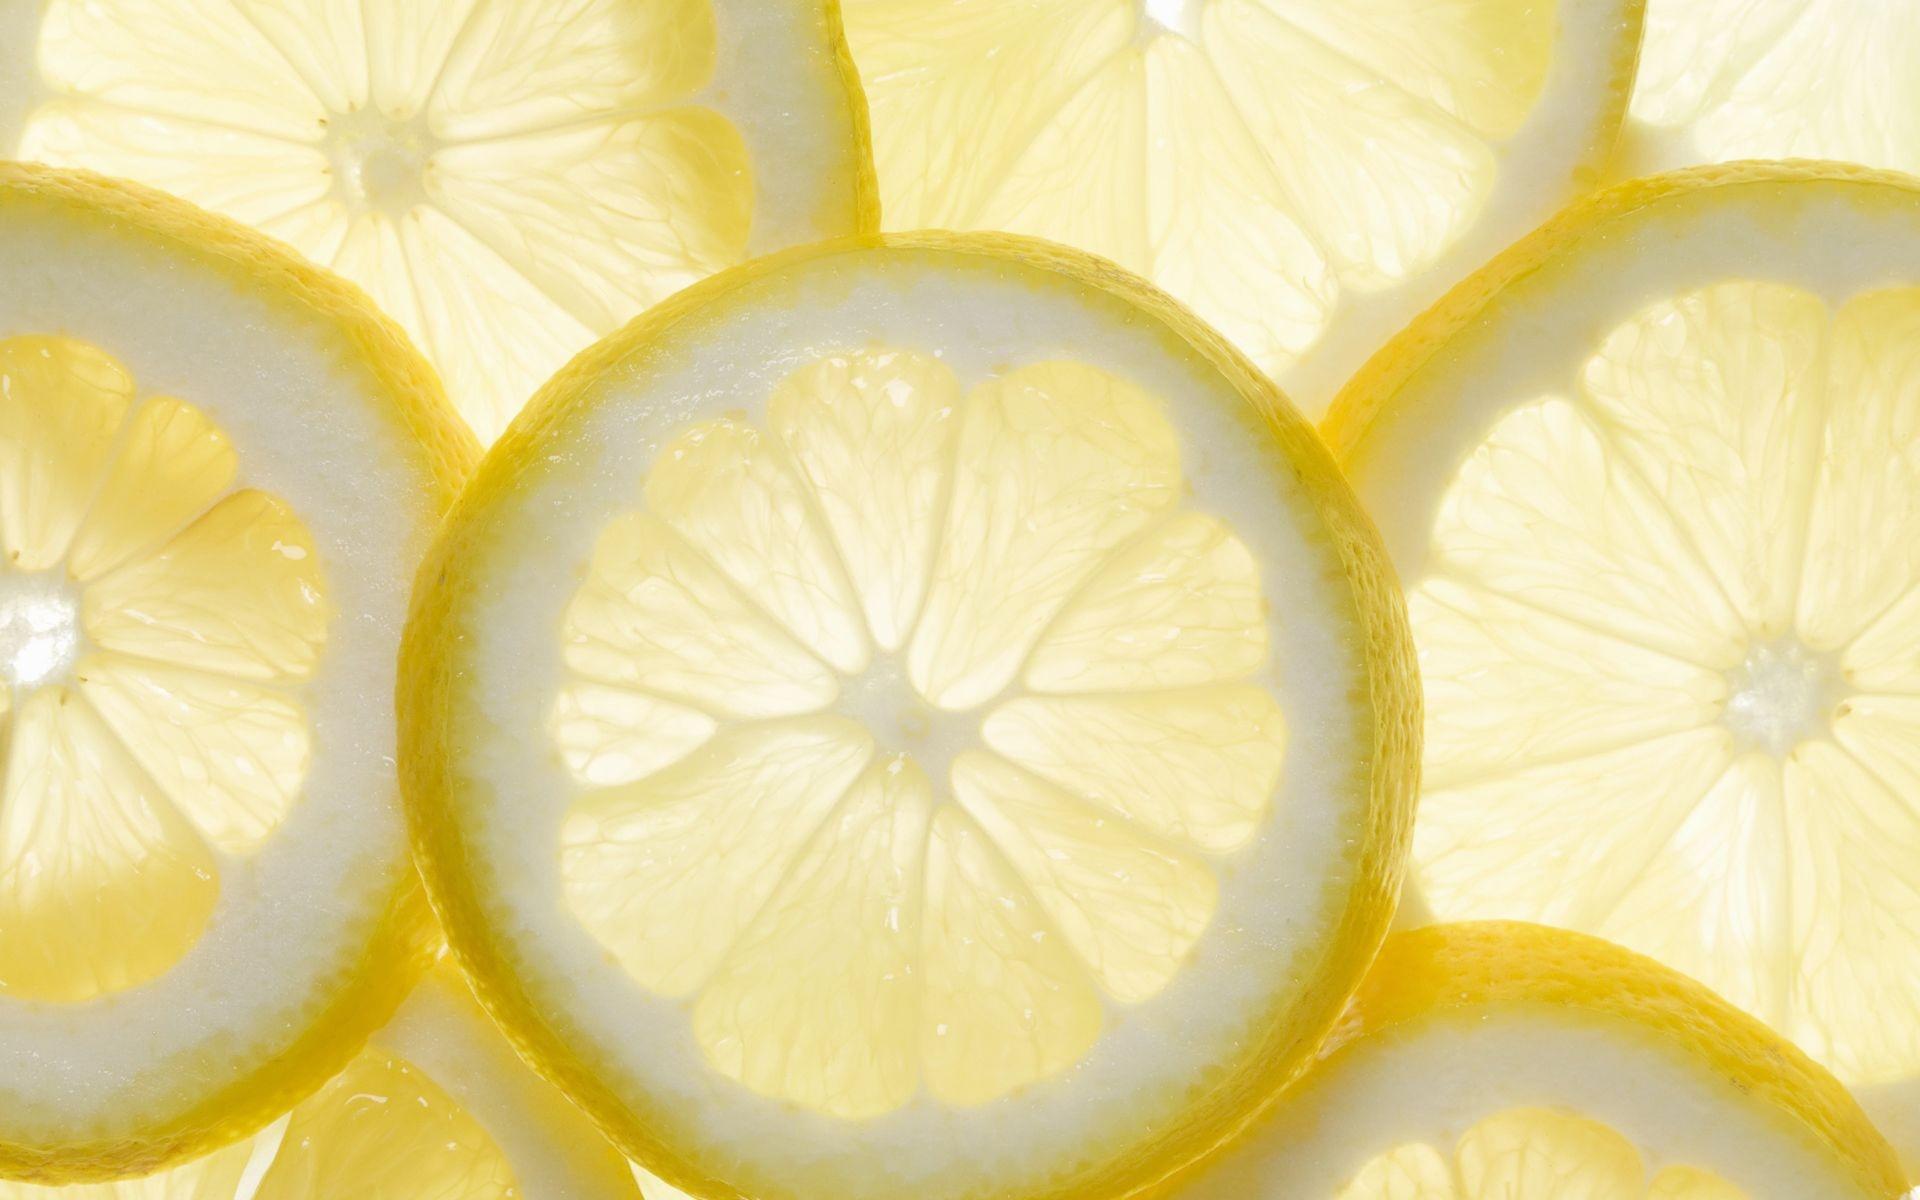 檸檬酸增加,合成的脂肪酸也會增加